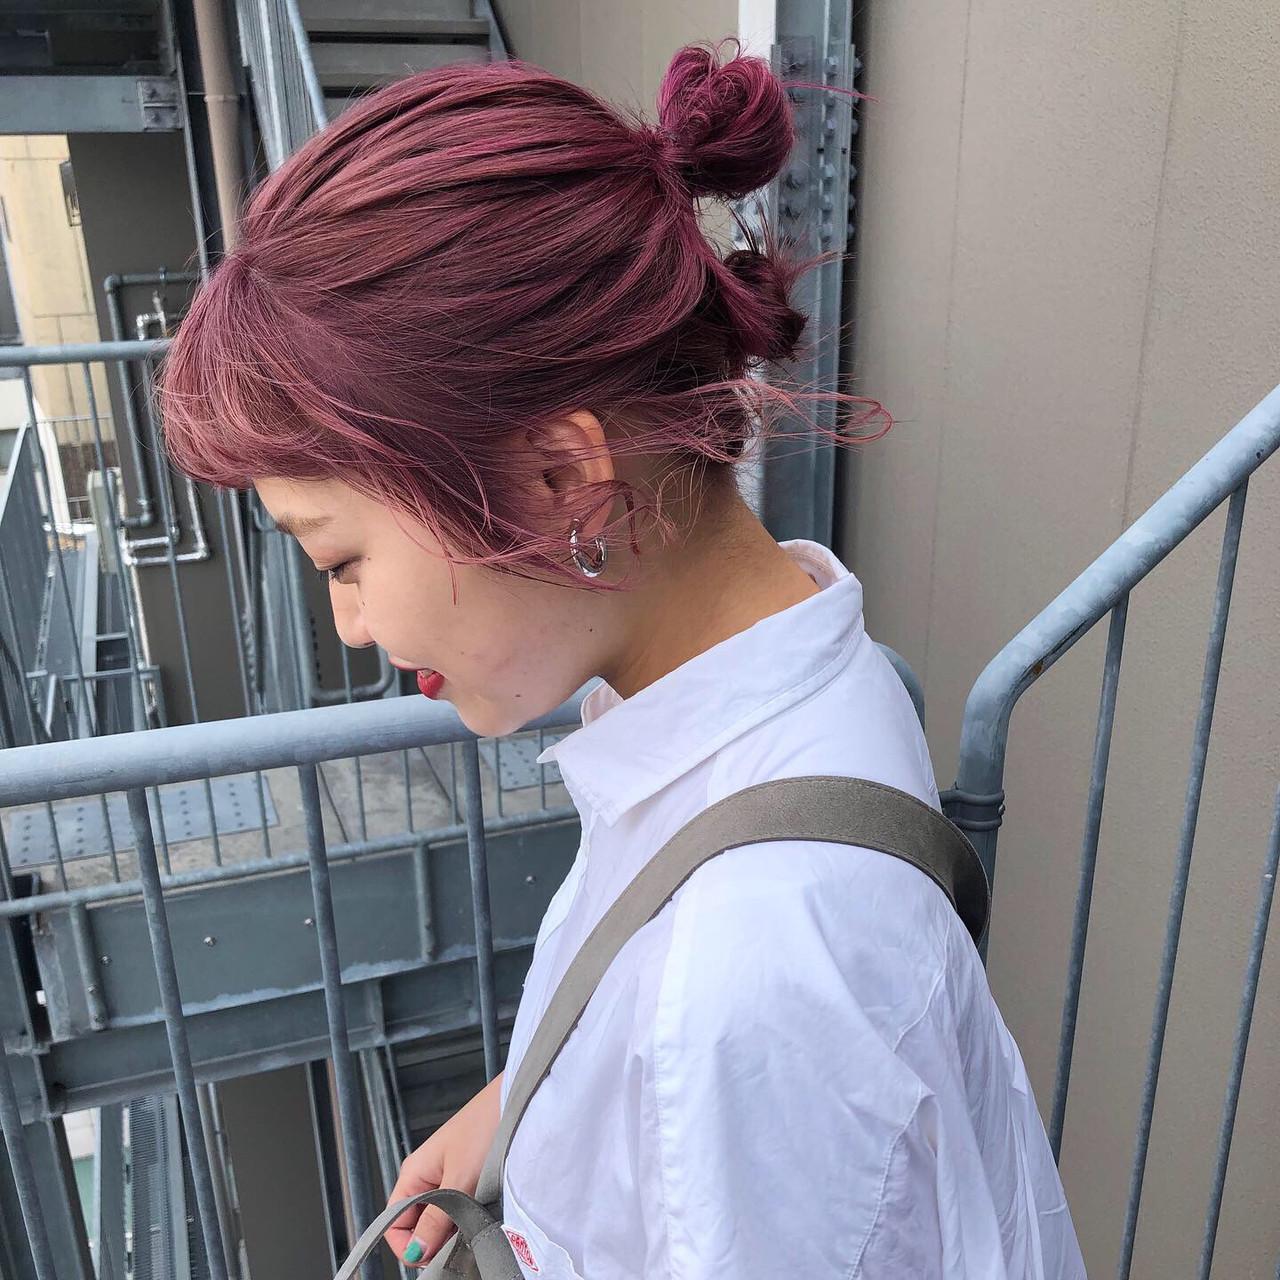 ラズベリーピンク ガーリー ラズベリー ベリーピンク ヘアスタイルや髪型の写真・画像